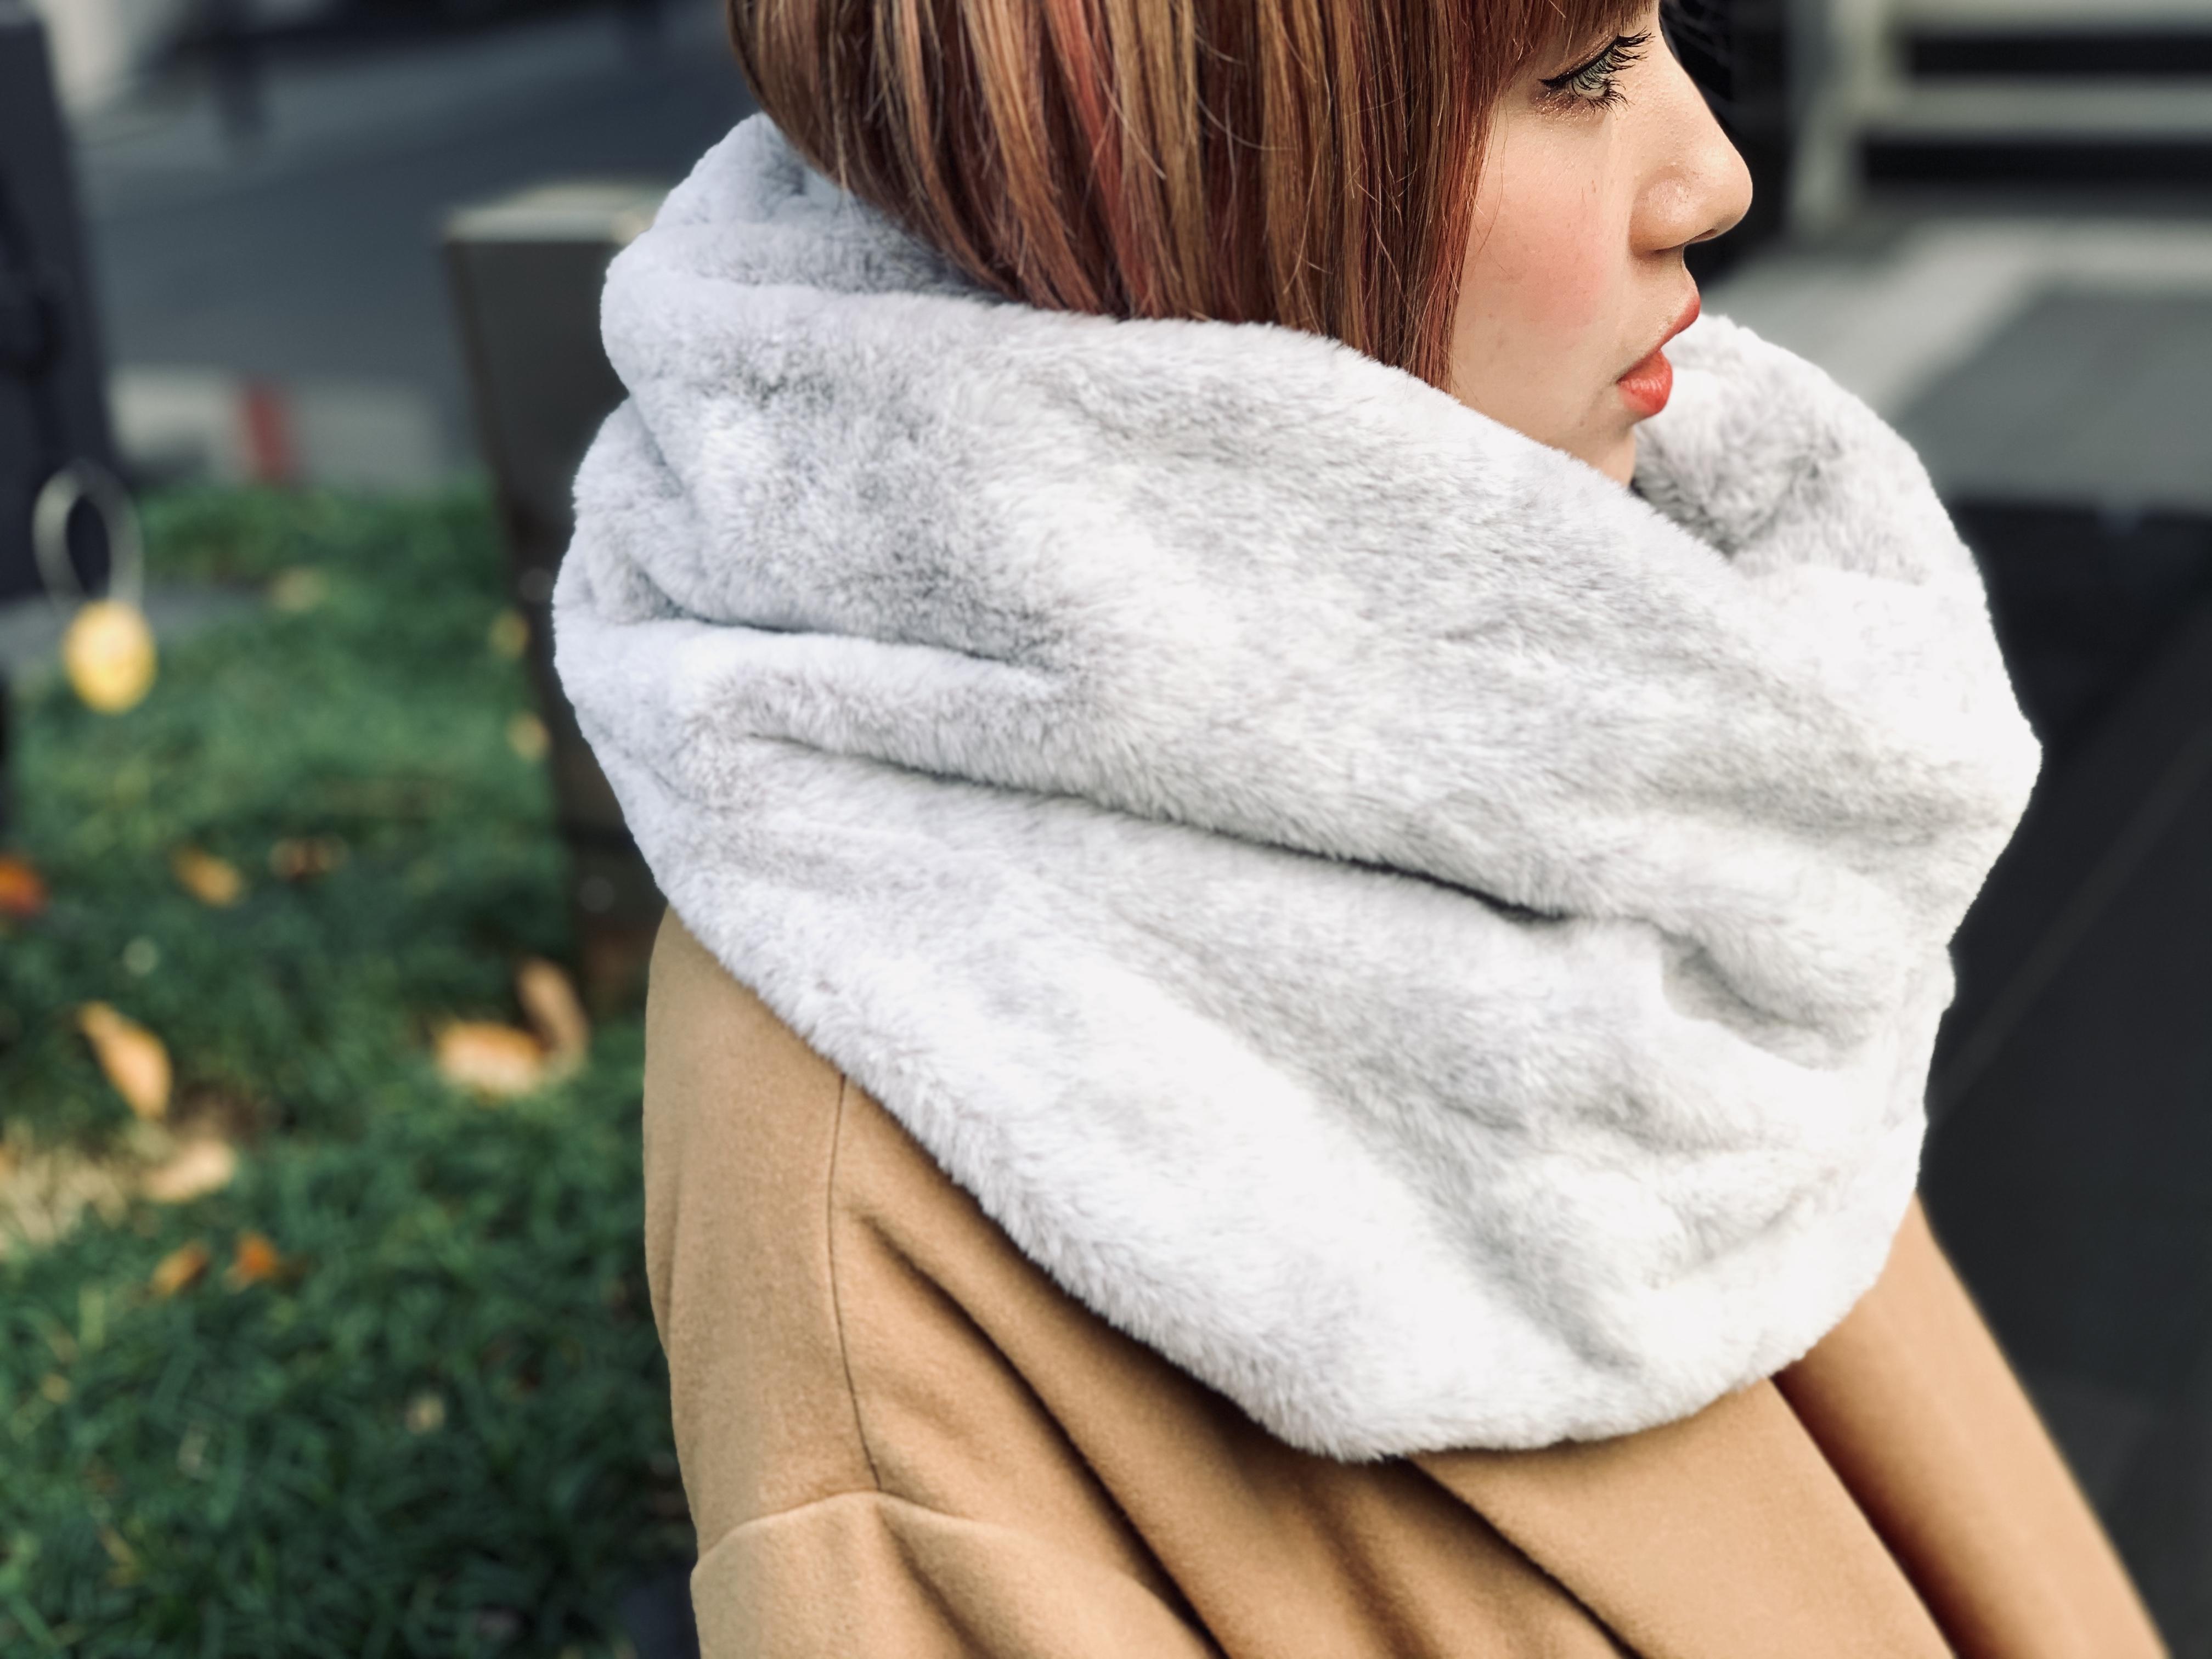 スクラップブック 渋谷 ヒカリエ スヌード マフラー プレゼント ギフト クリスマス